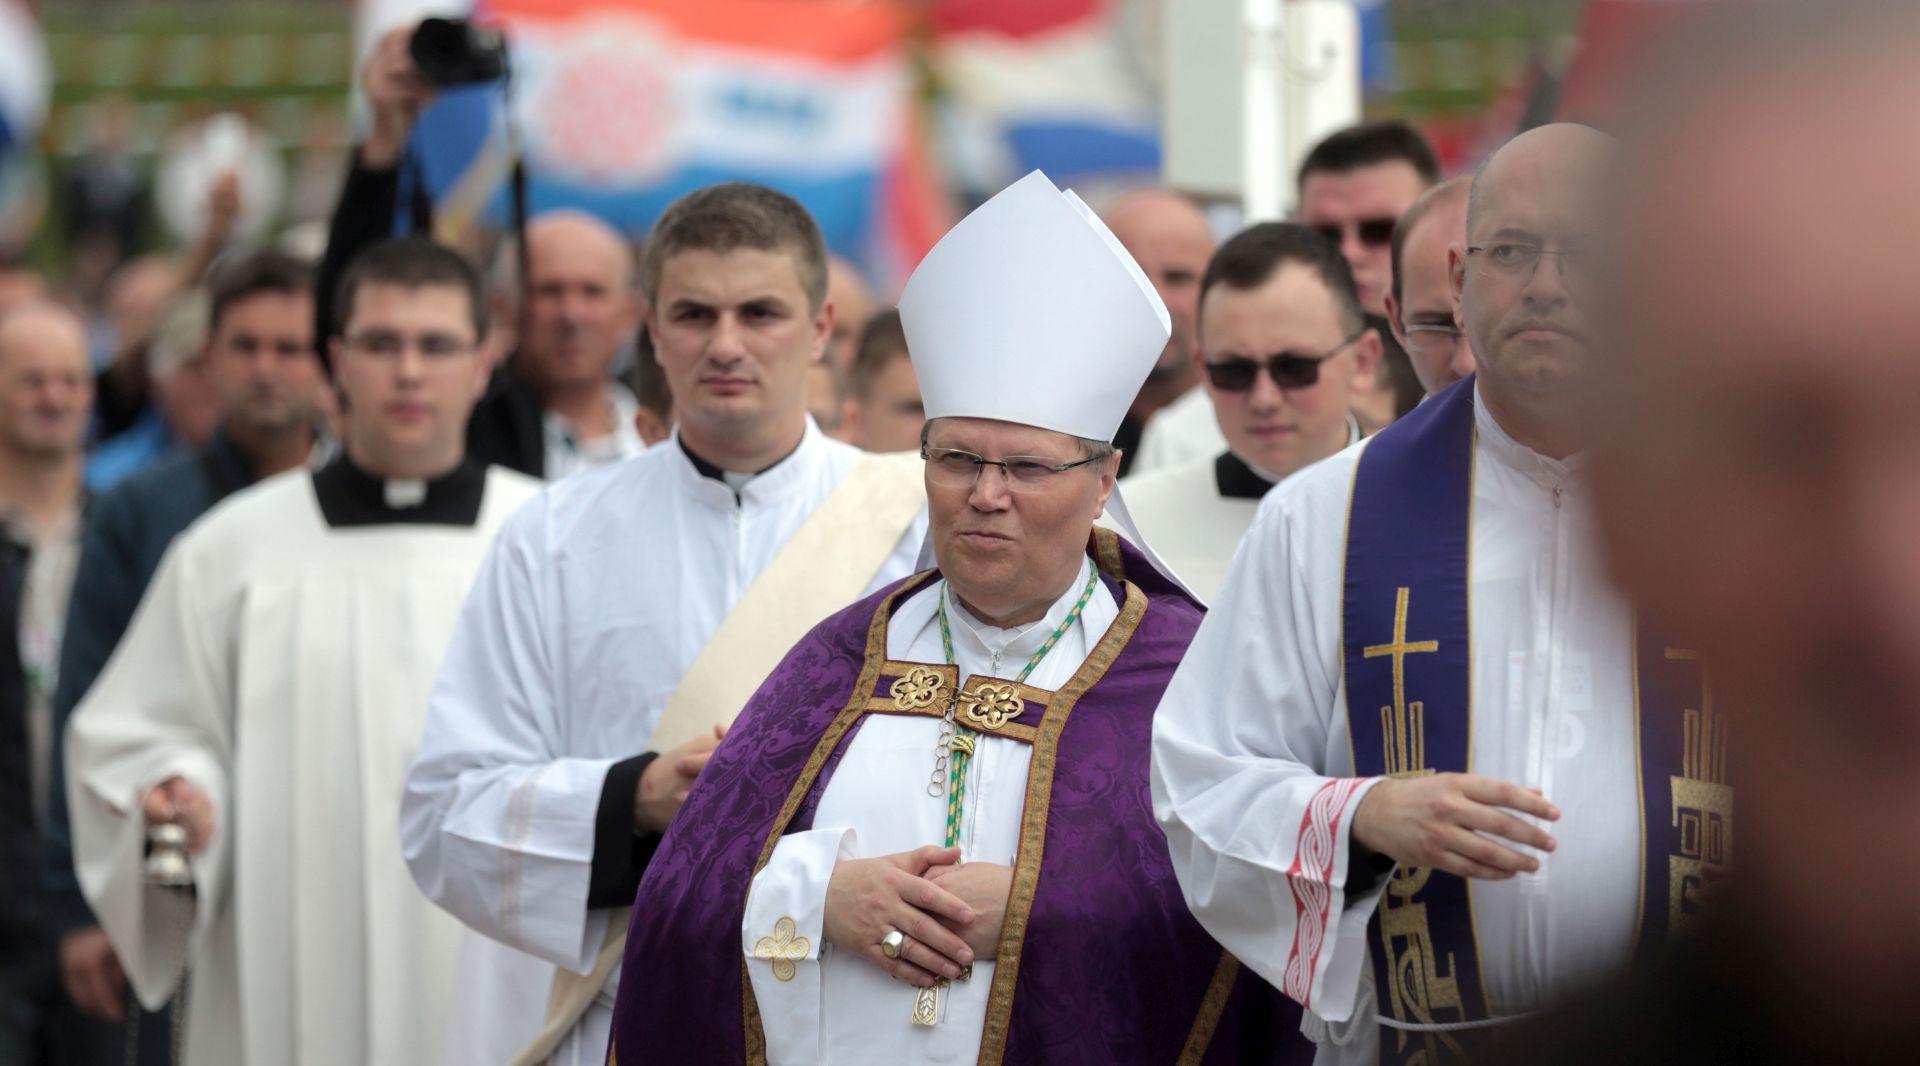 Nadbiskup Hranić s Bleiburškog polja pozvao na istraživanje cjelovite istine o žrtvama i počiniteljima zločina